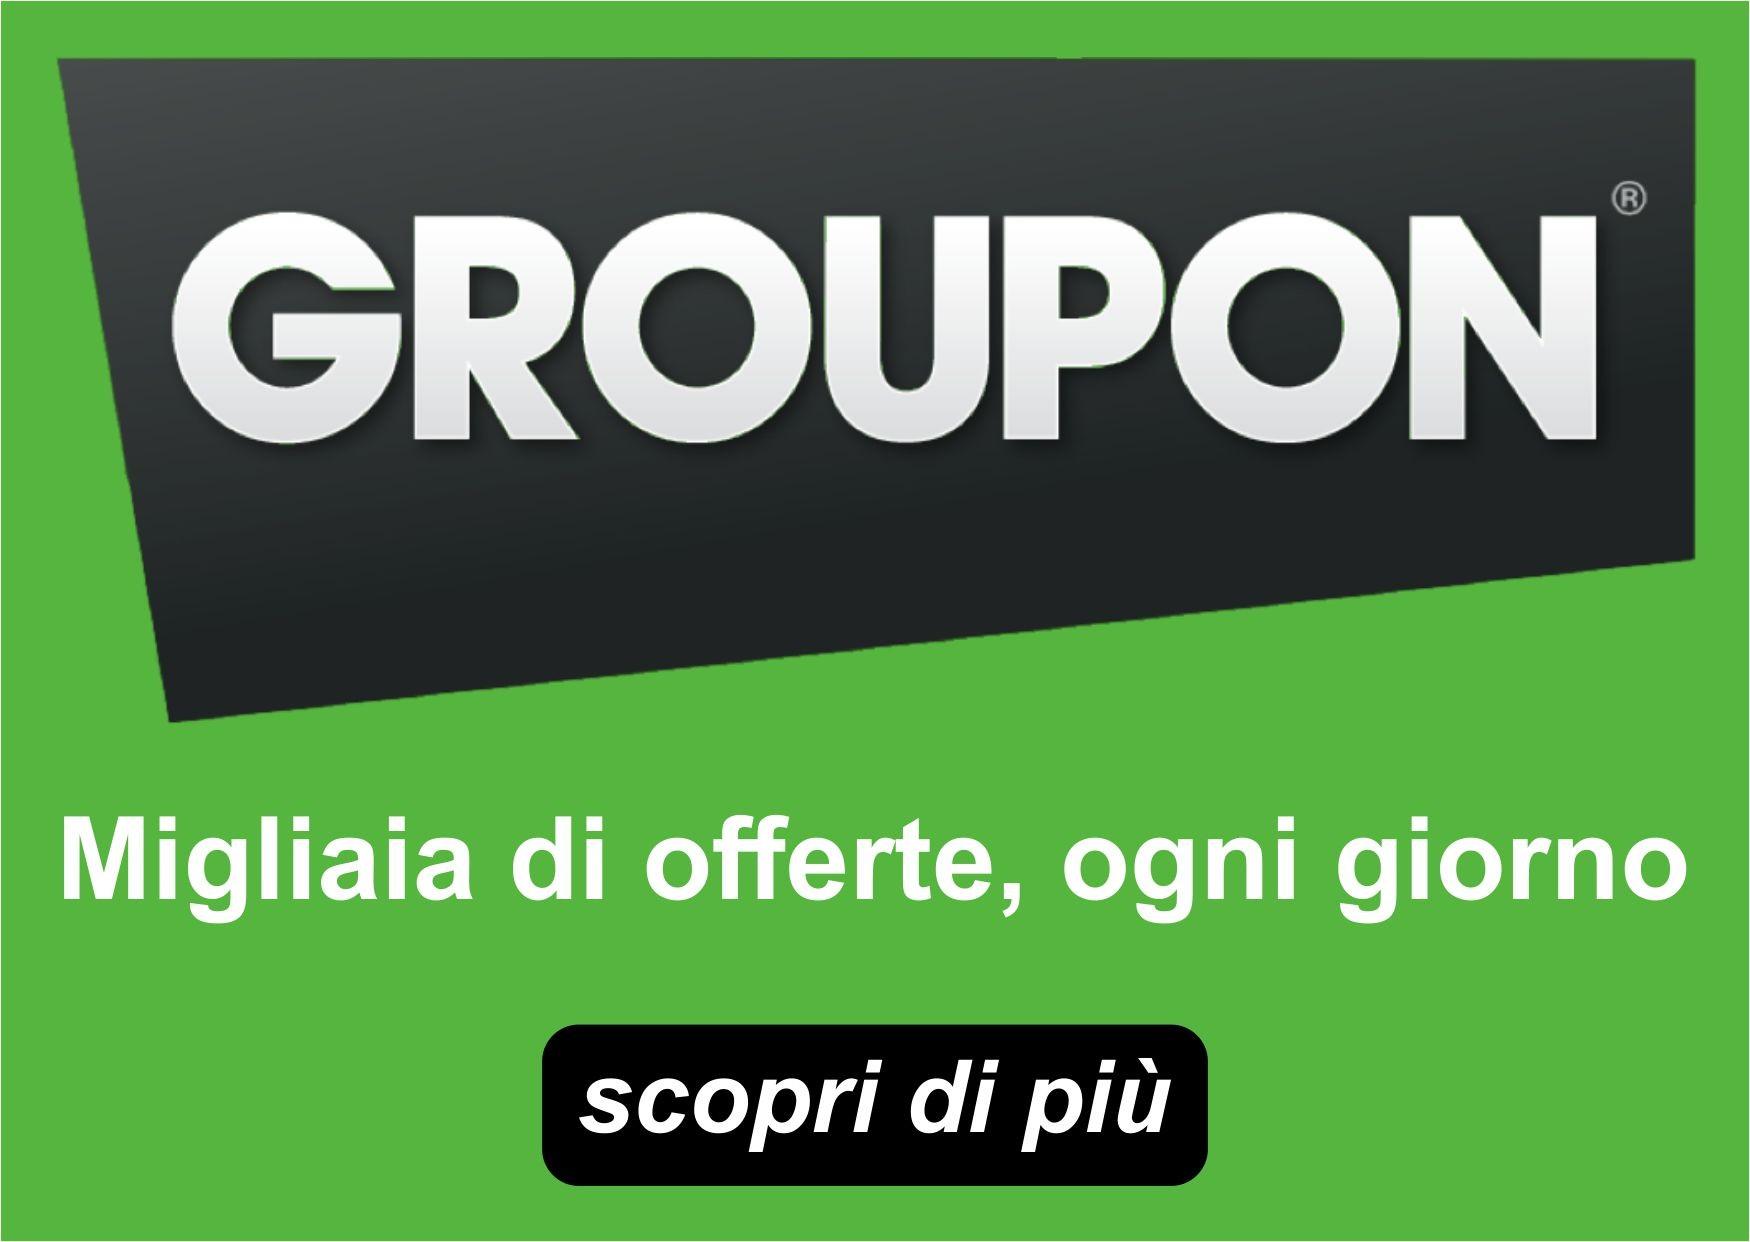 groupon - clicca qui